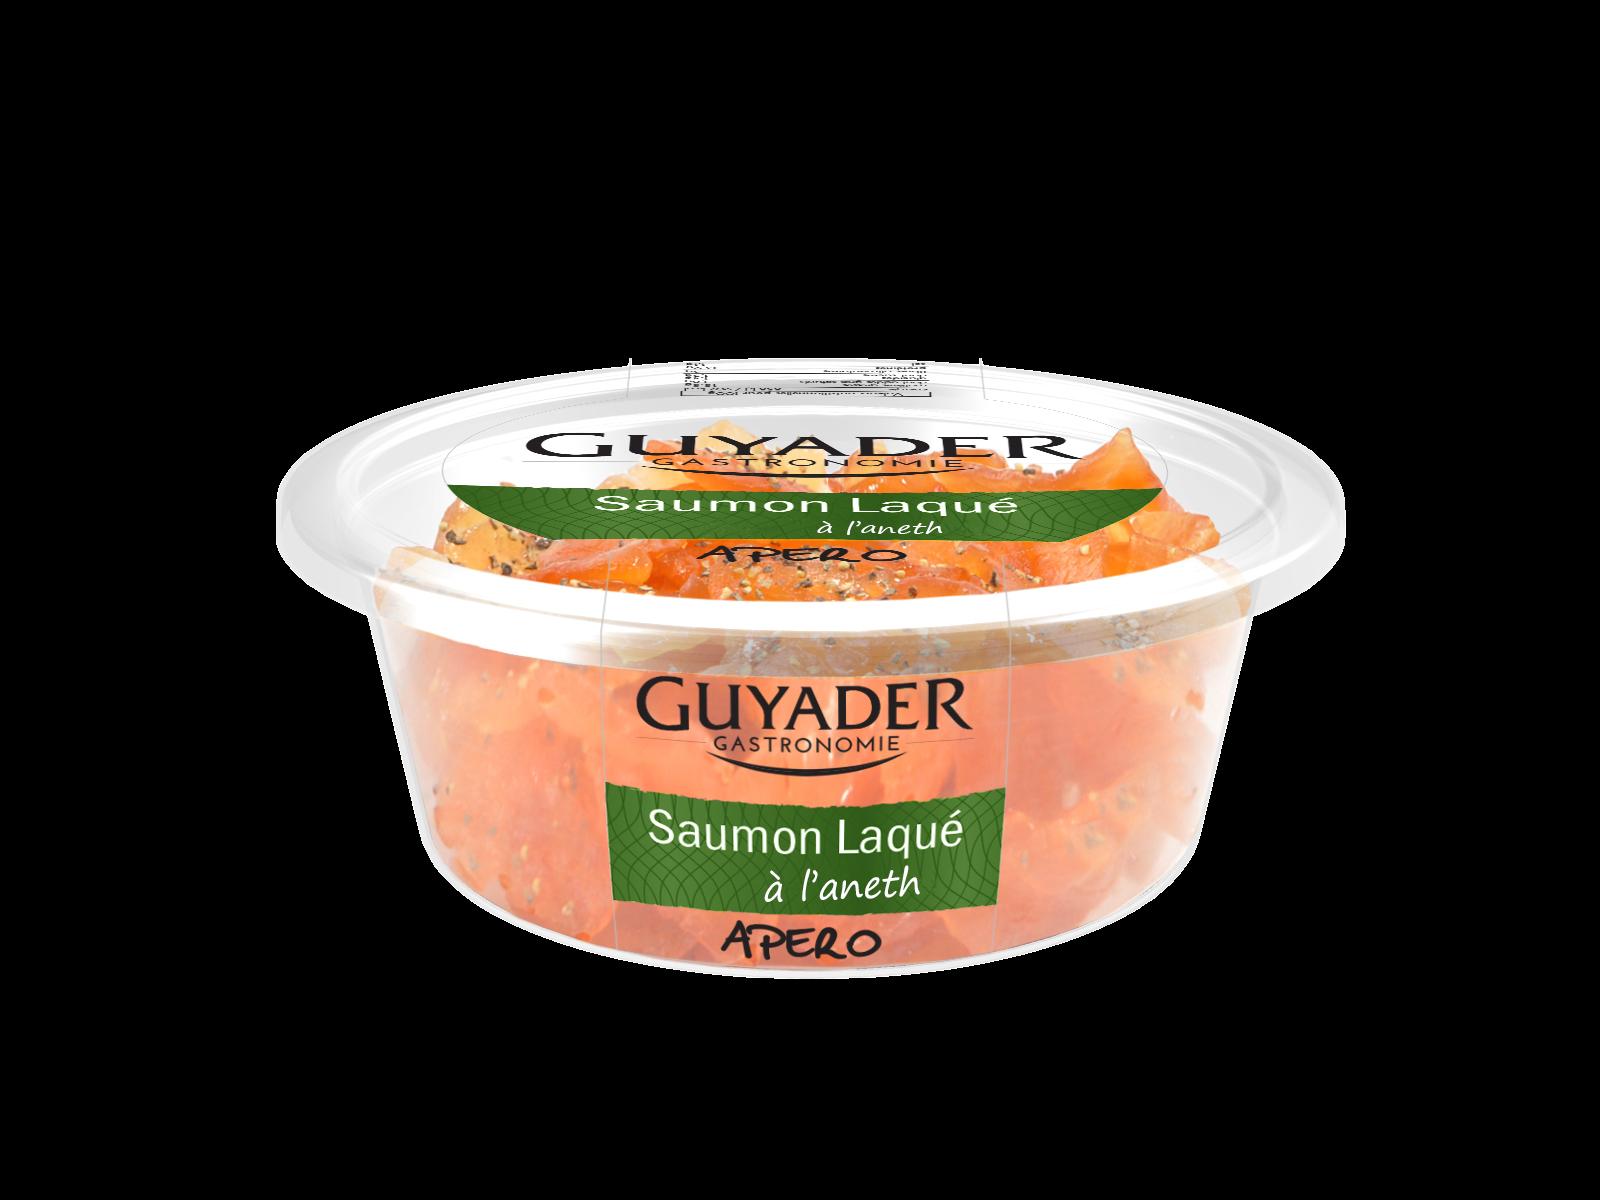 des saumon aneth guyader - Lauréats du concours ISOGONE, catégorie Usages & Consommation